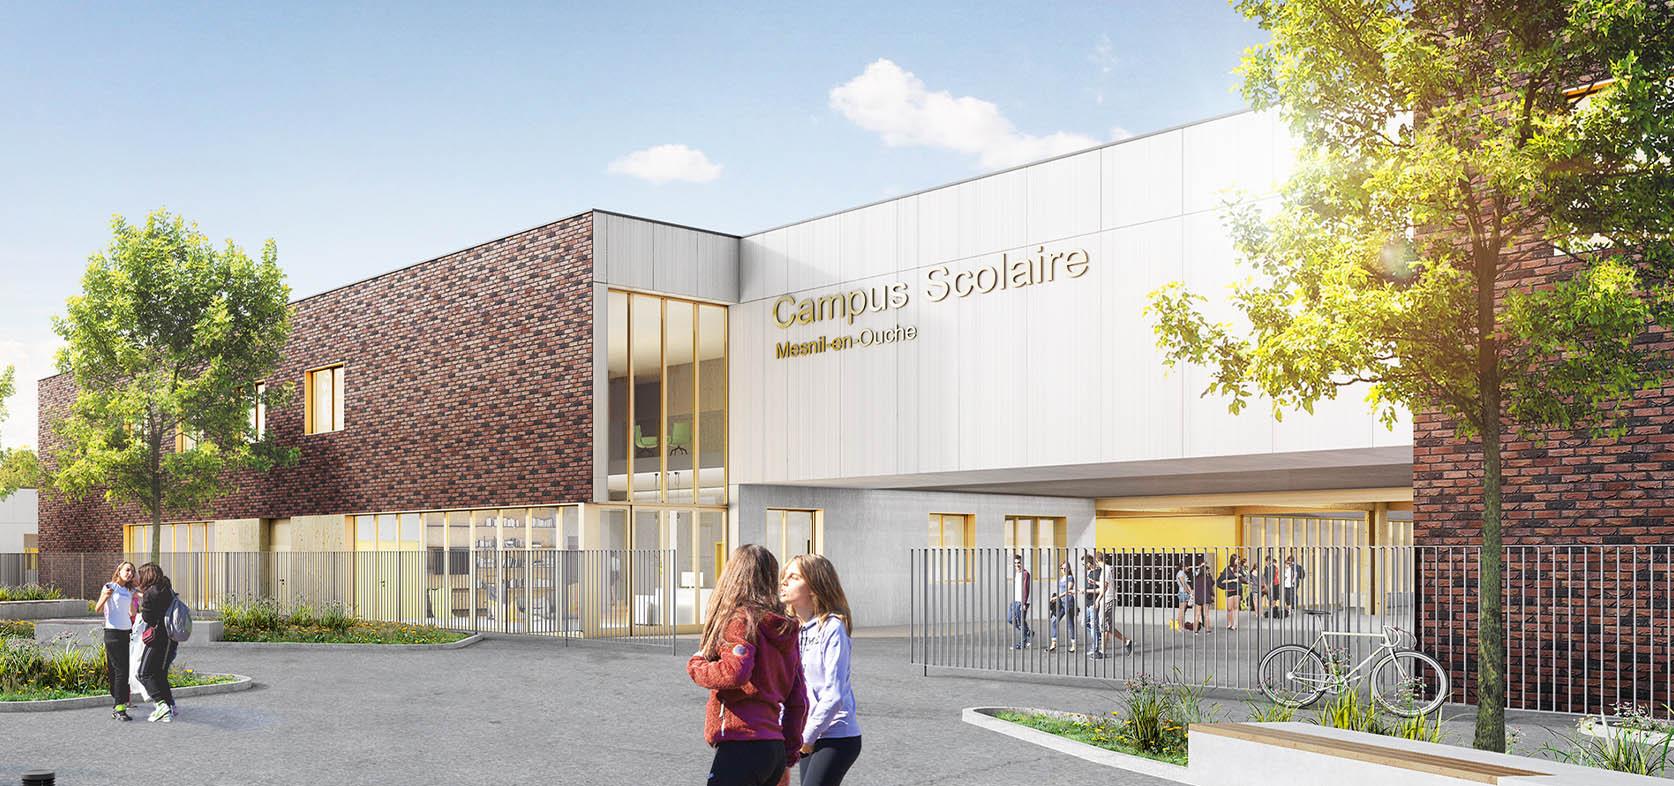 campus-scolaire-mesnil-en-ouche-cba-rouen-3